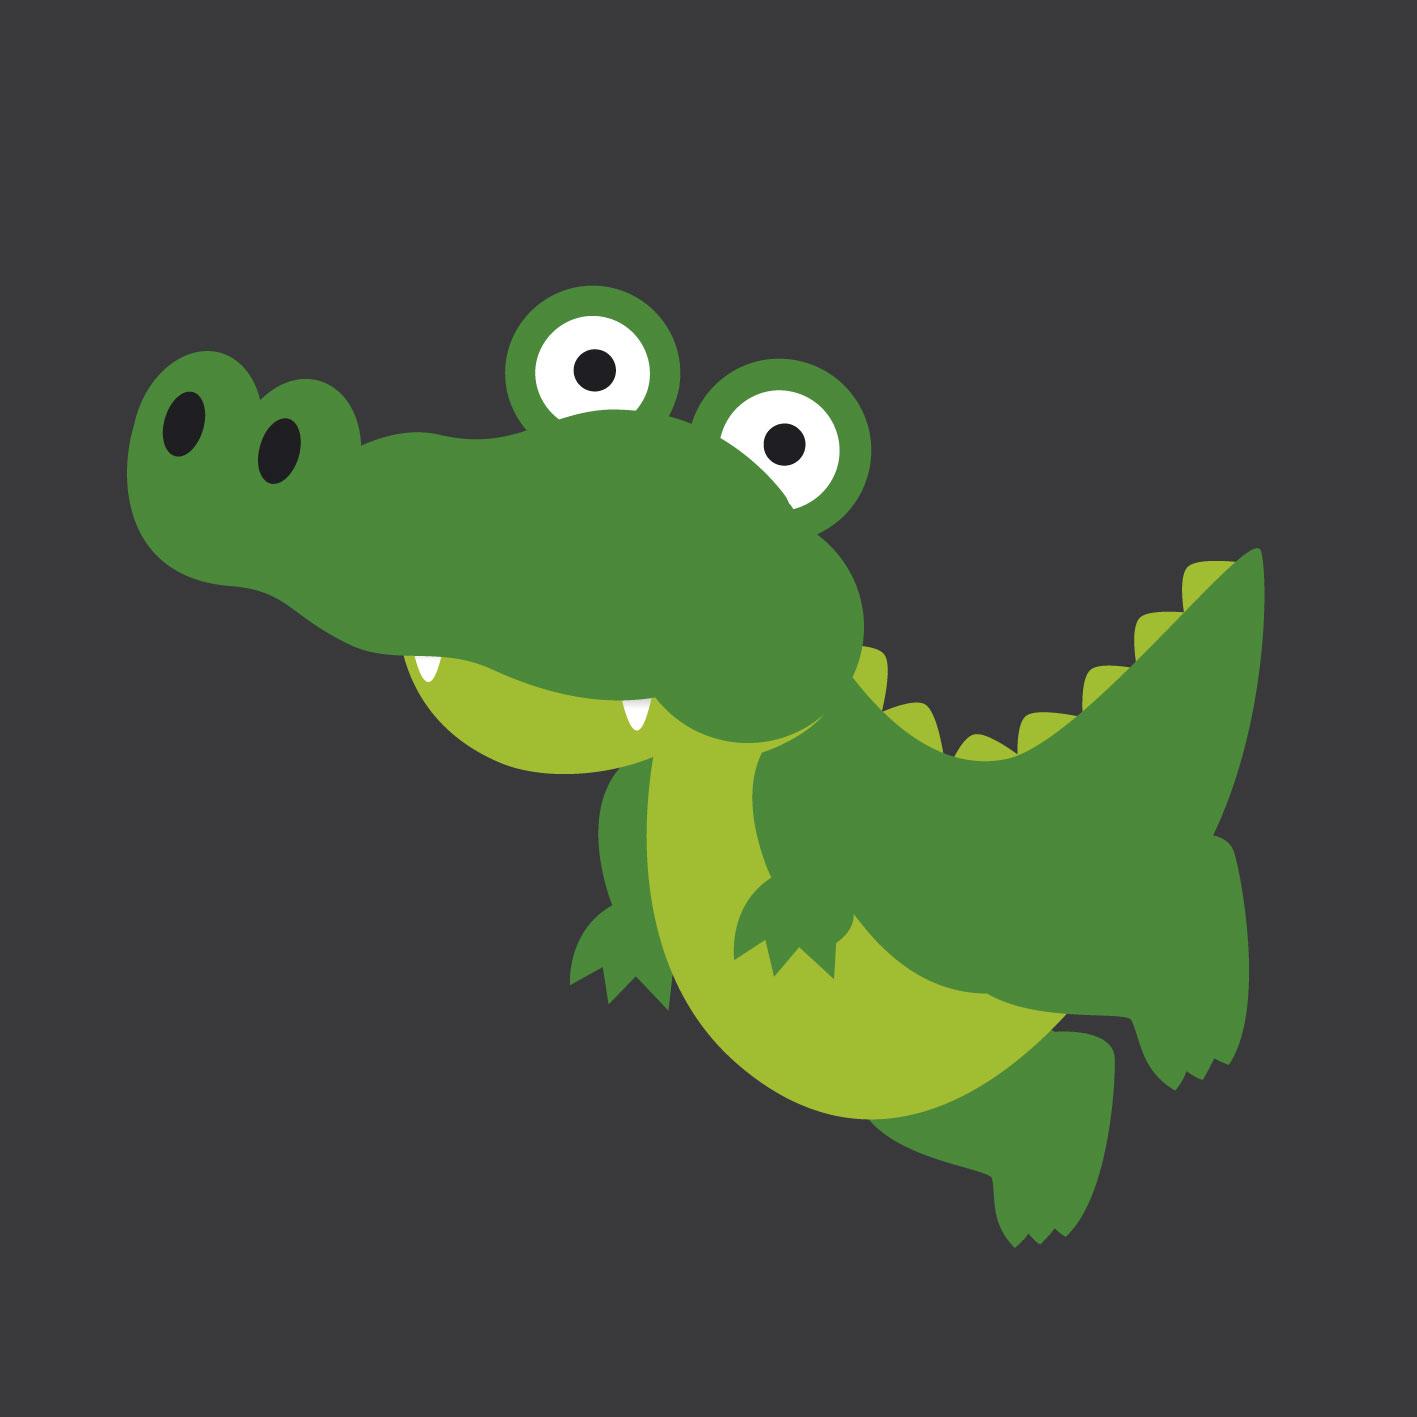 Crocodile 0.75m x 0.75m